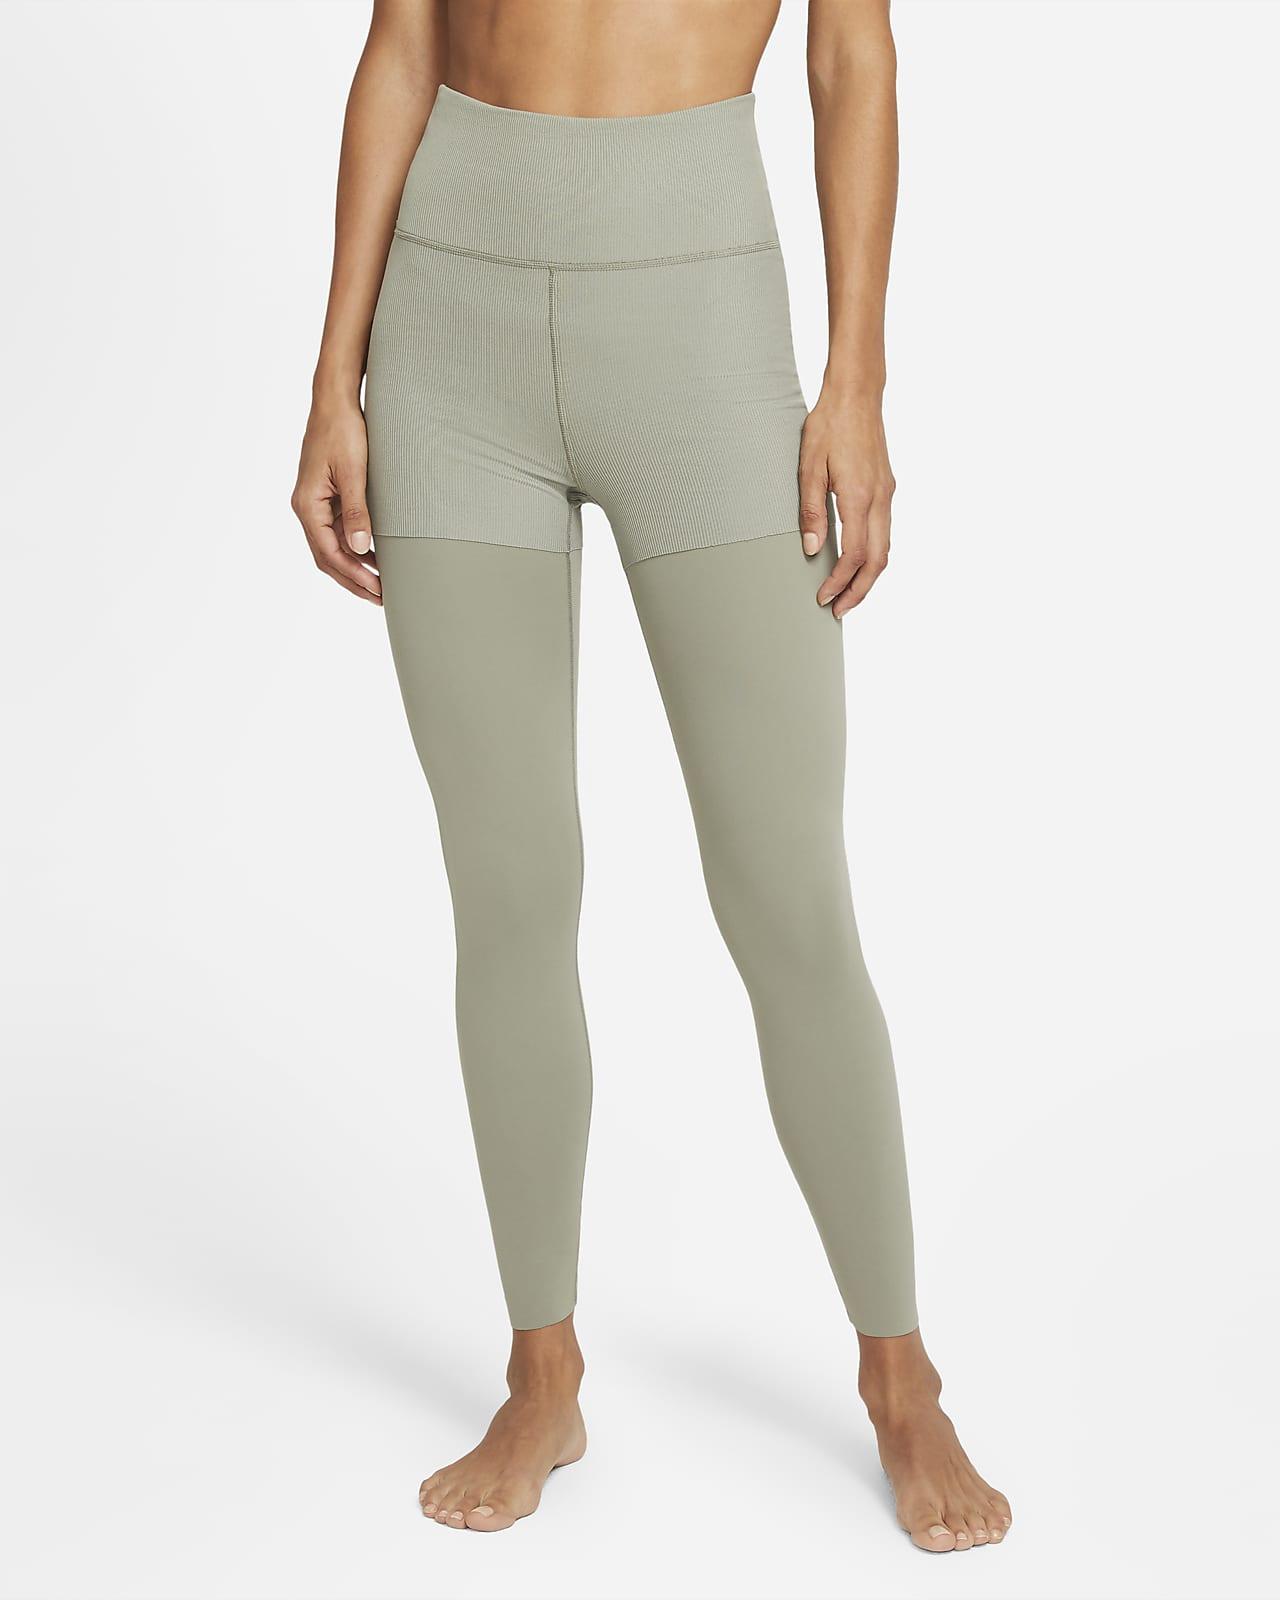 Dámské 7/8 legíny Nike Yoga Luxe Layered